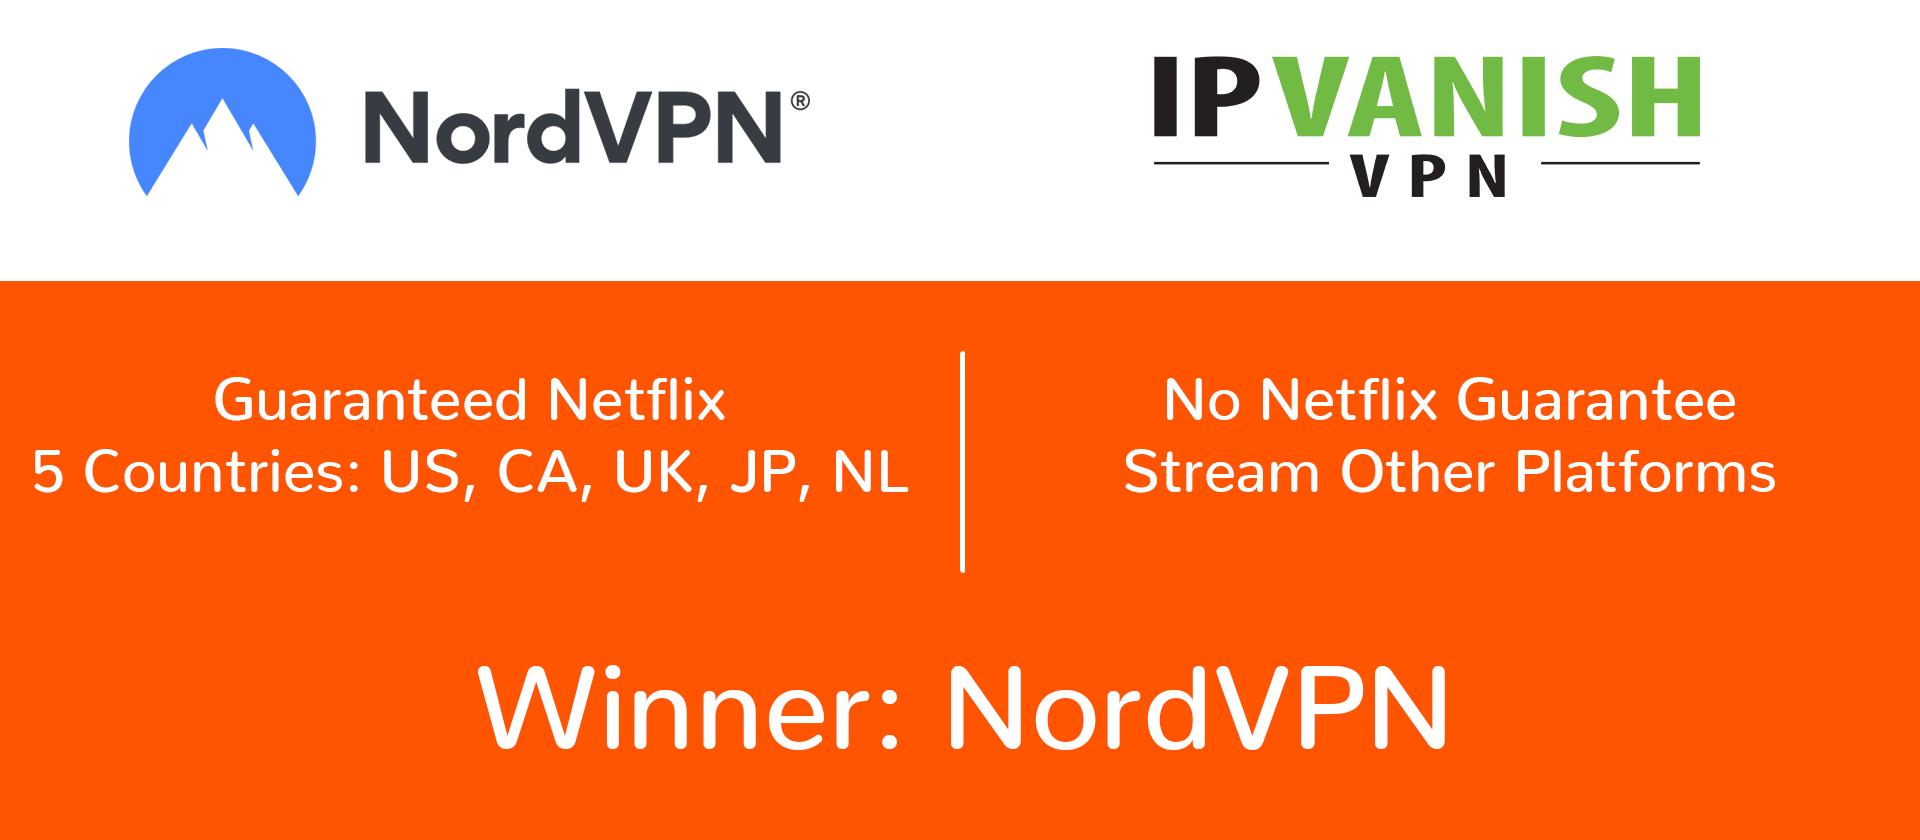 NordVPN offers Netflix